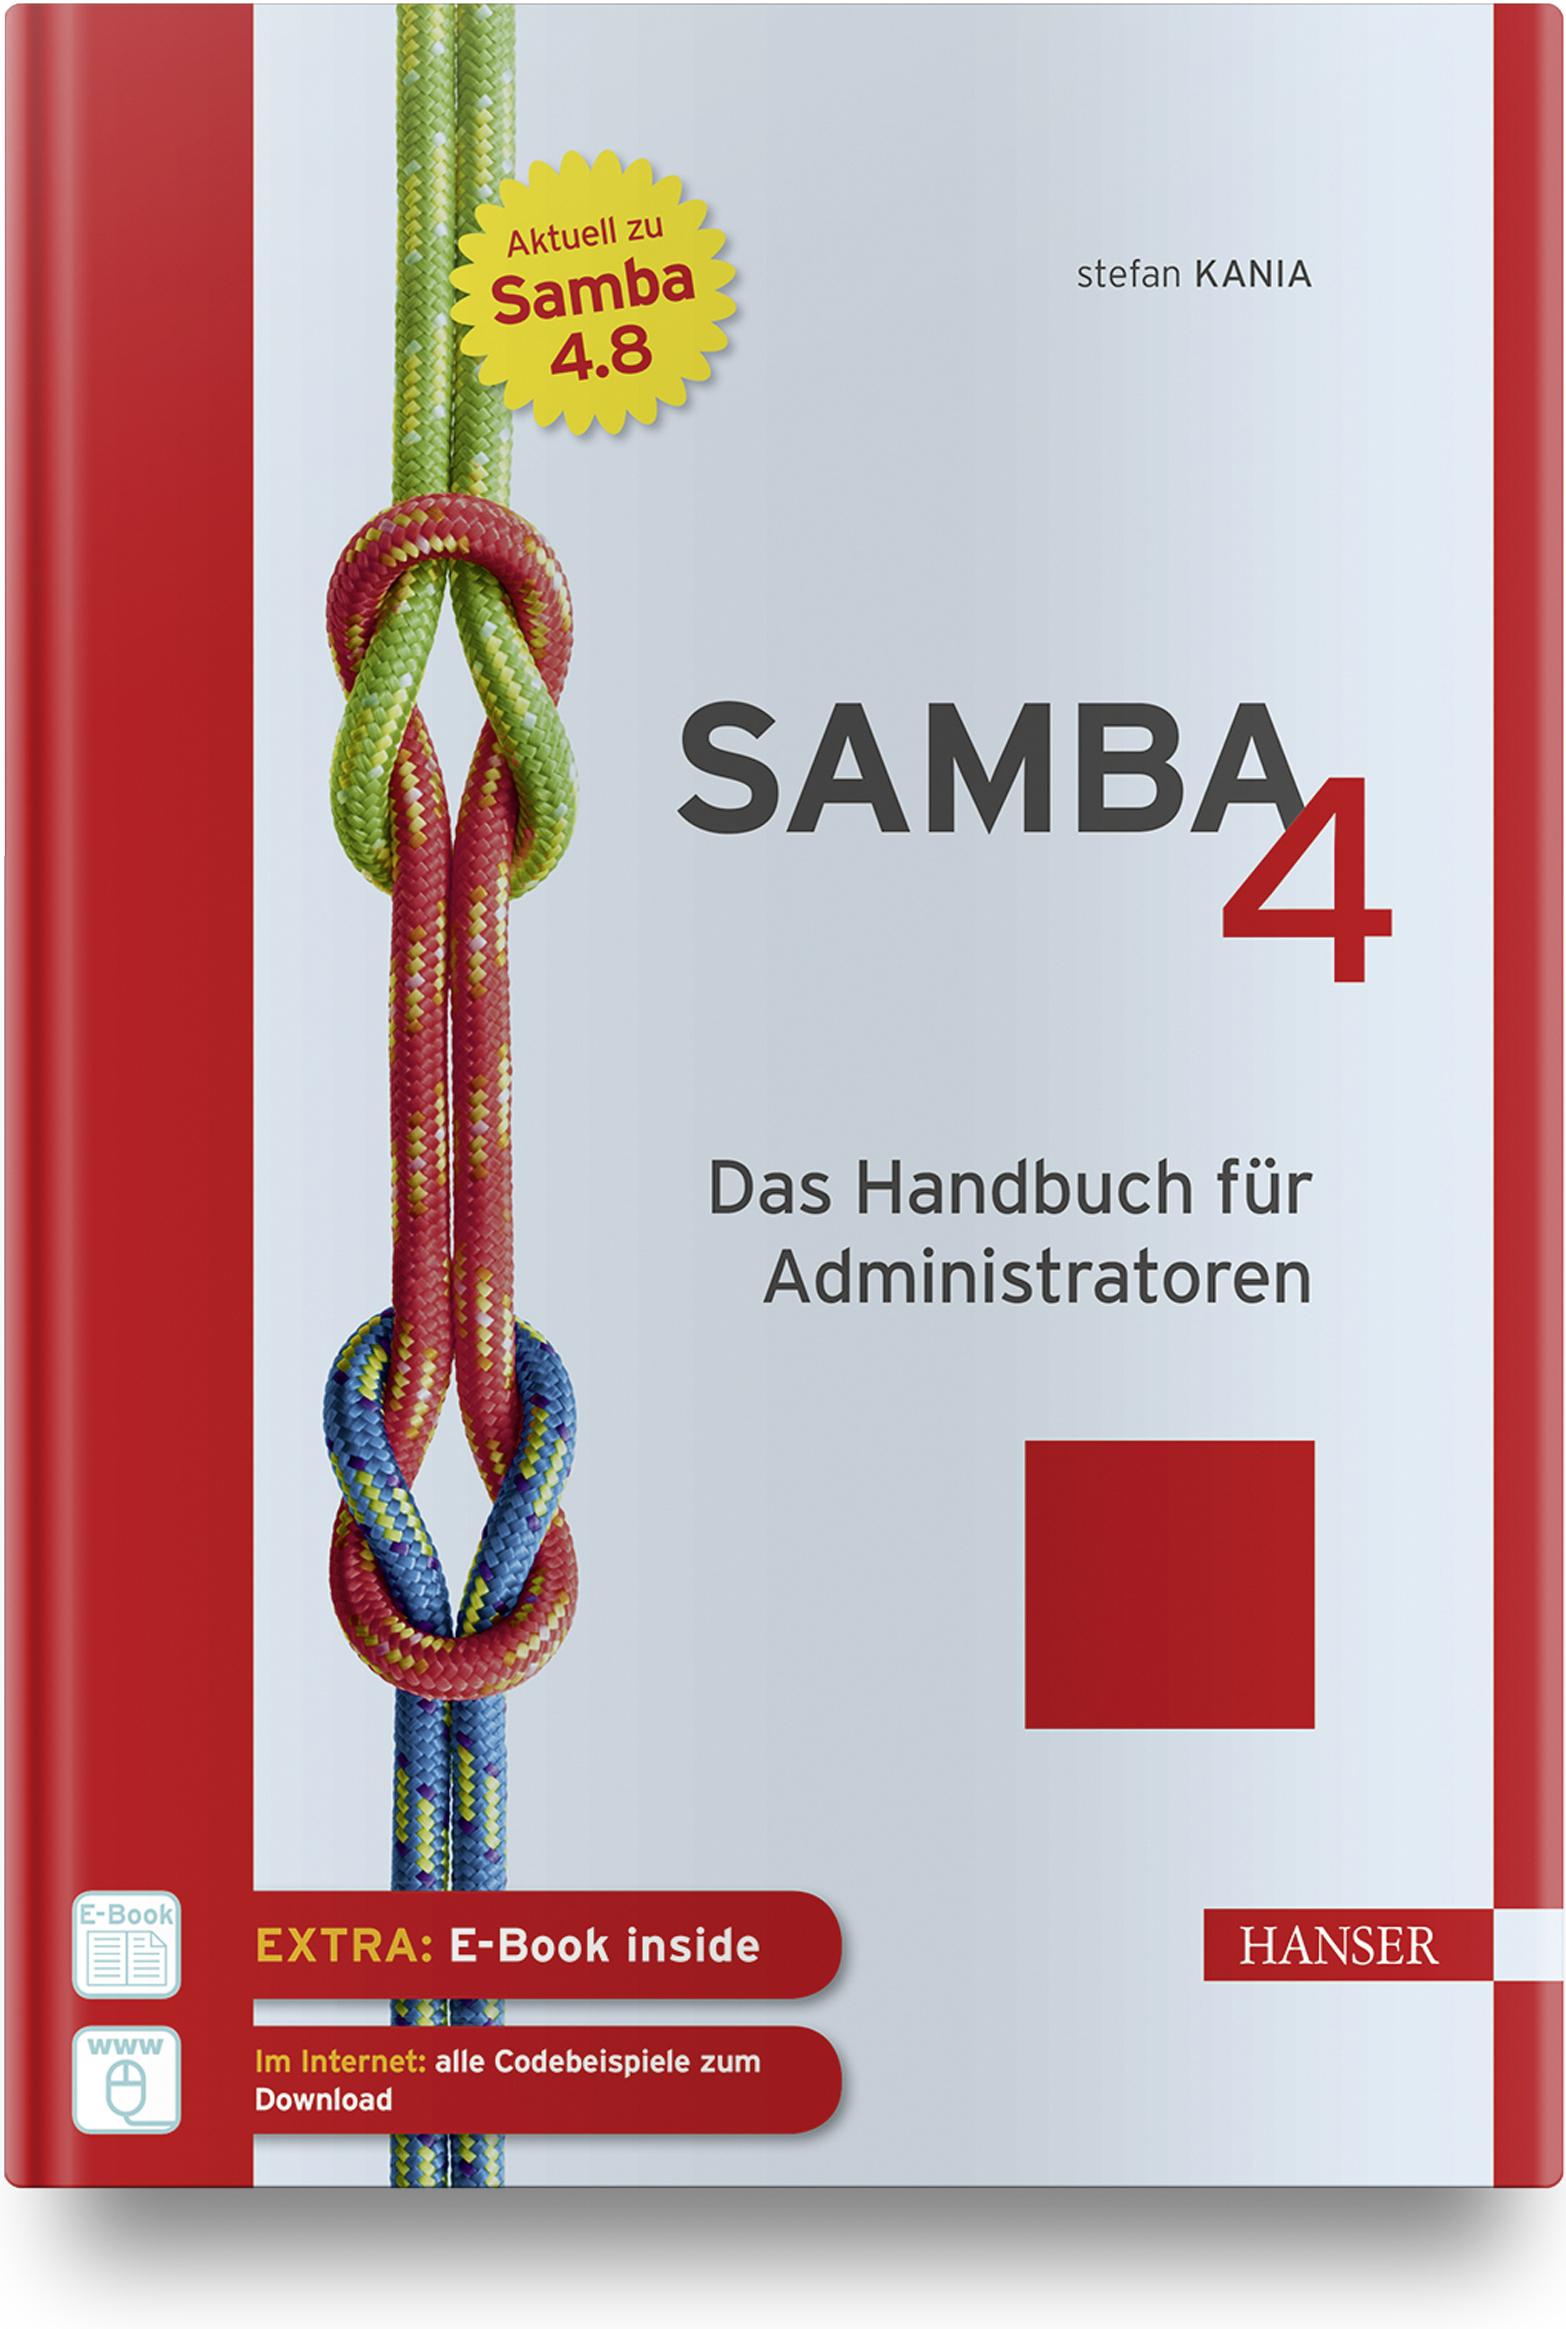 Kania, Samba 4, 978-3-446-45591-7